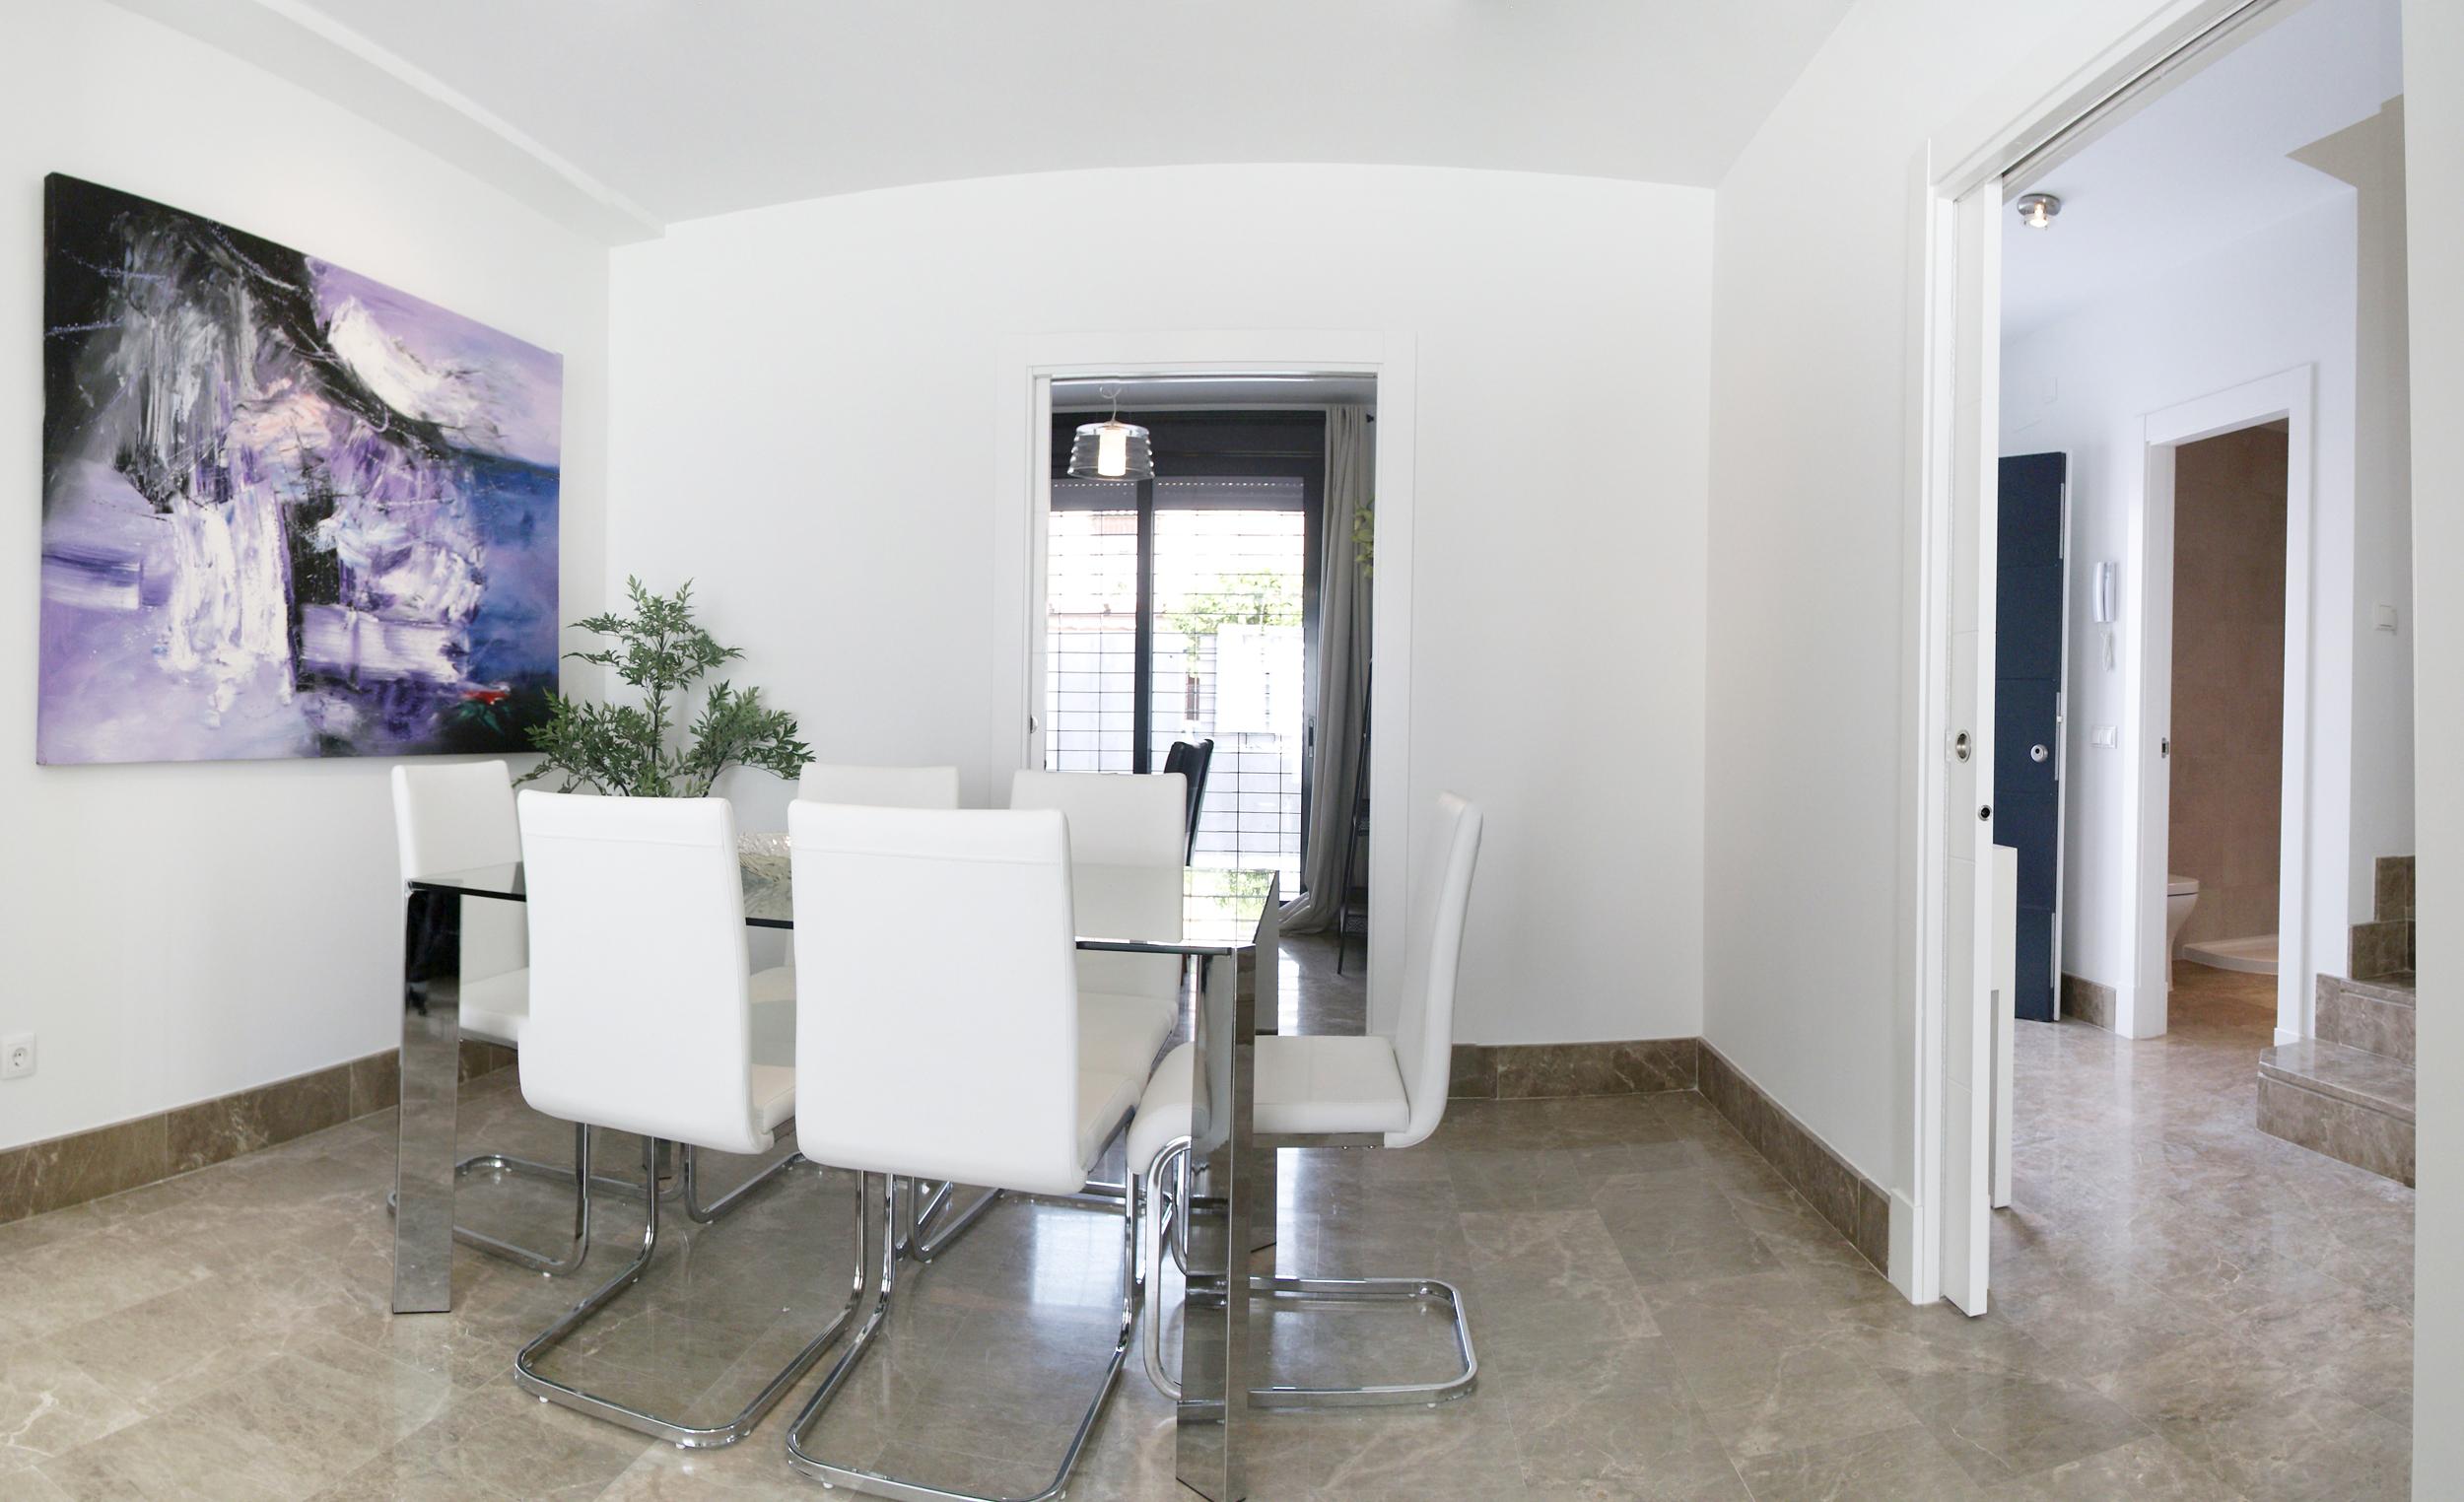 Obra nueva dos hermanas perfect piso en venta en utrera for Pisos en utrera baratos